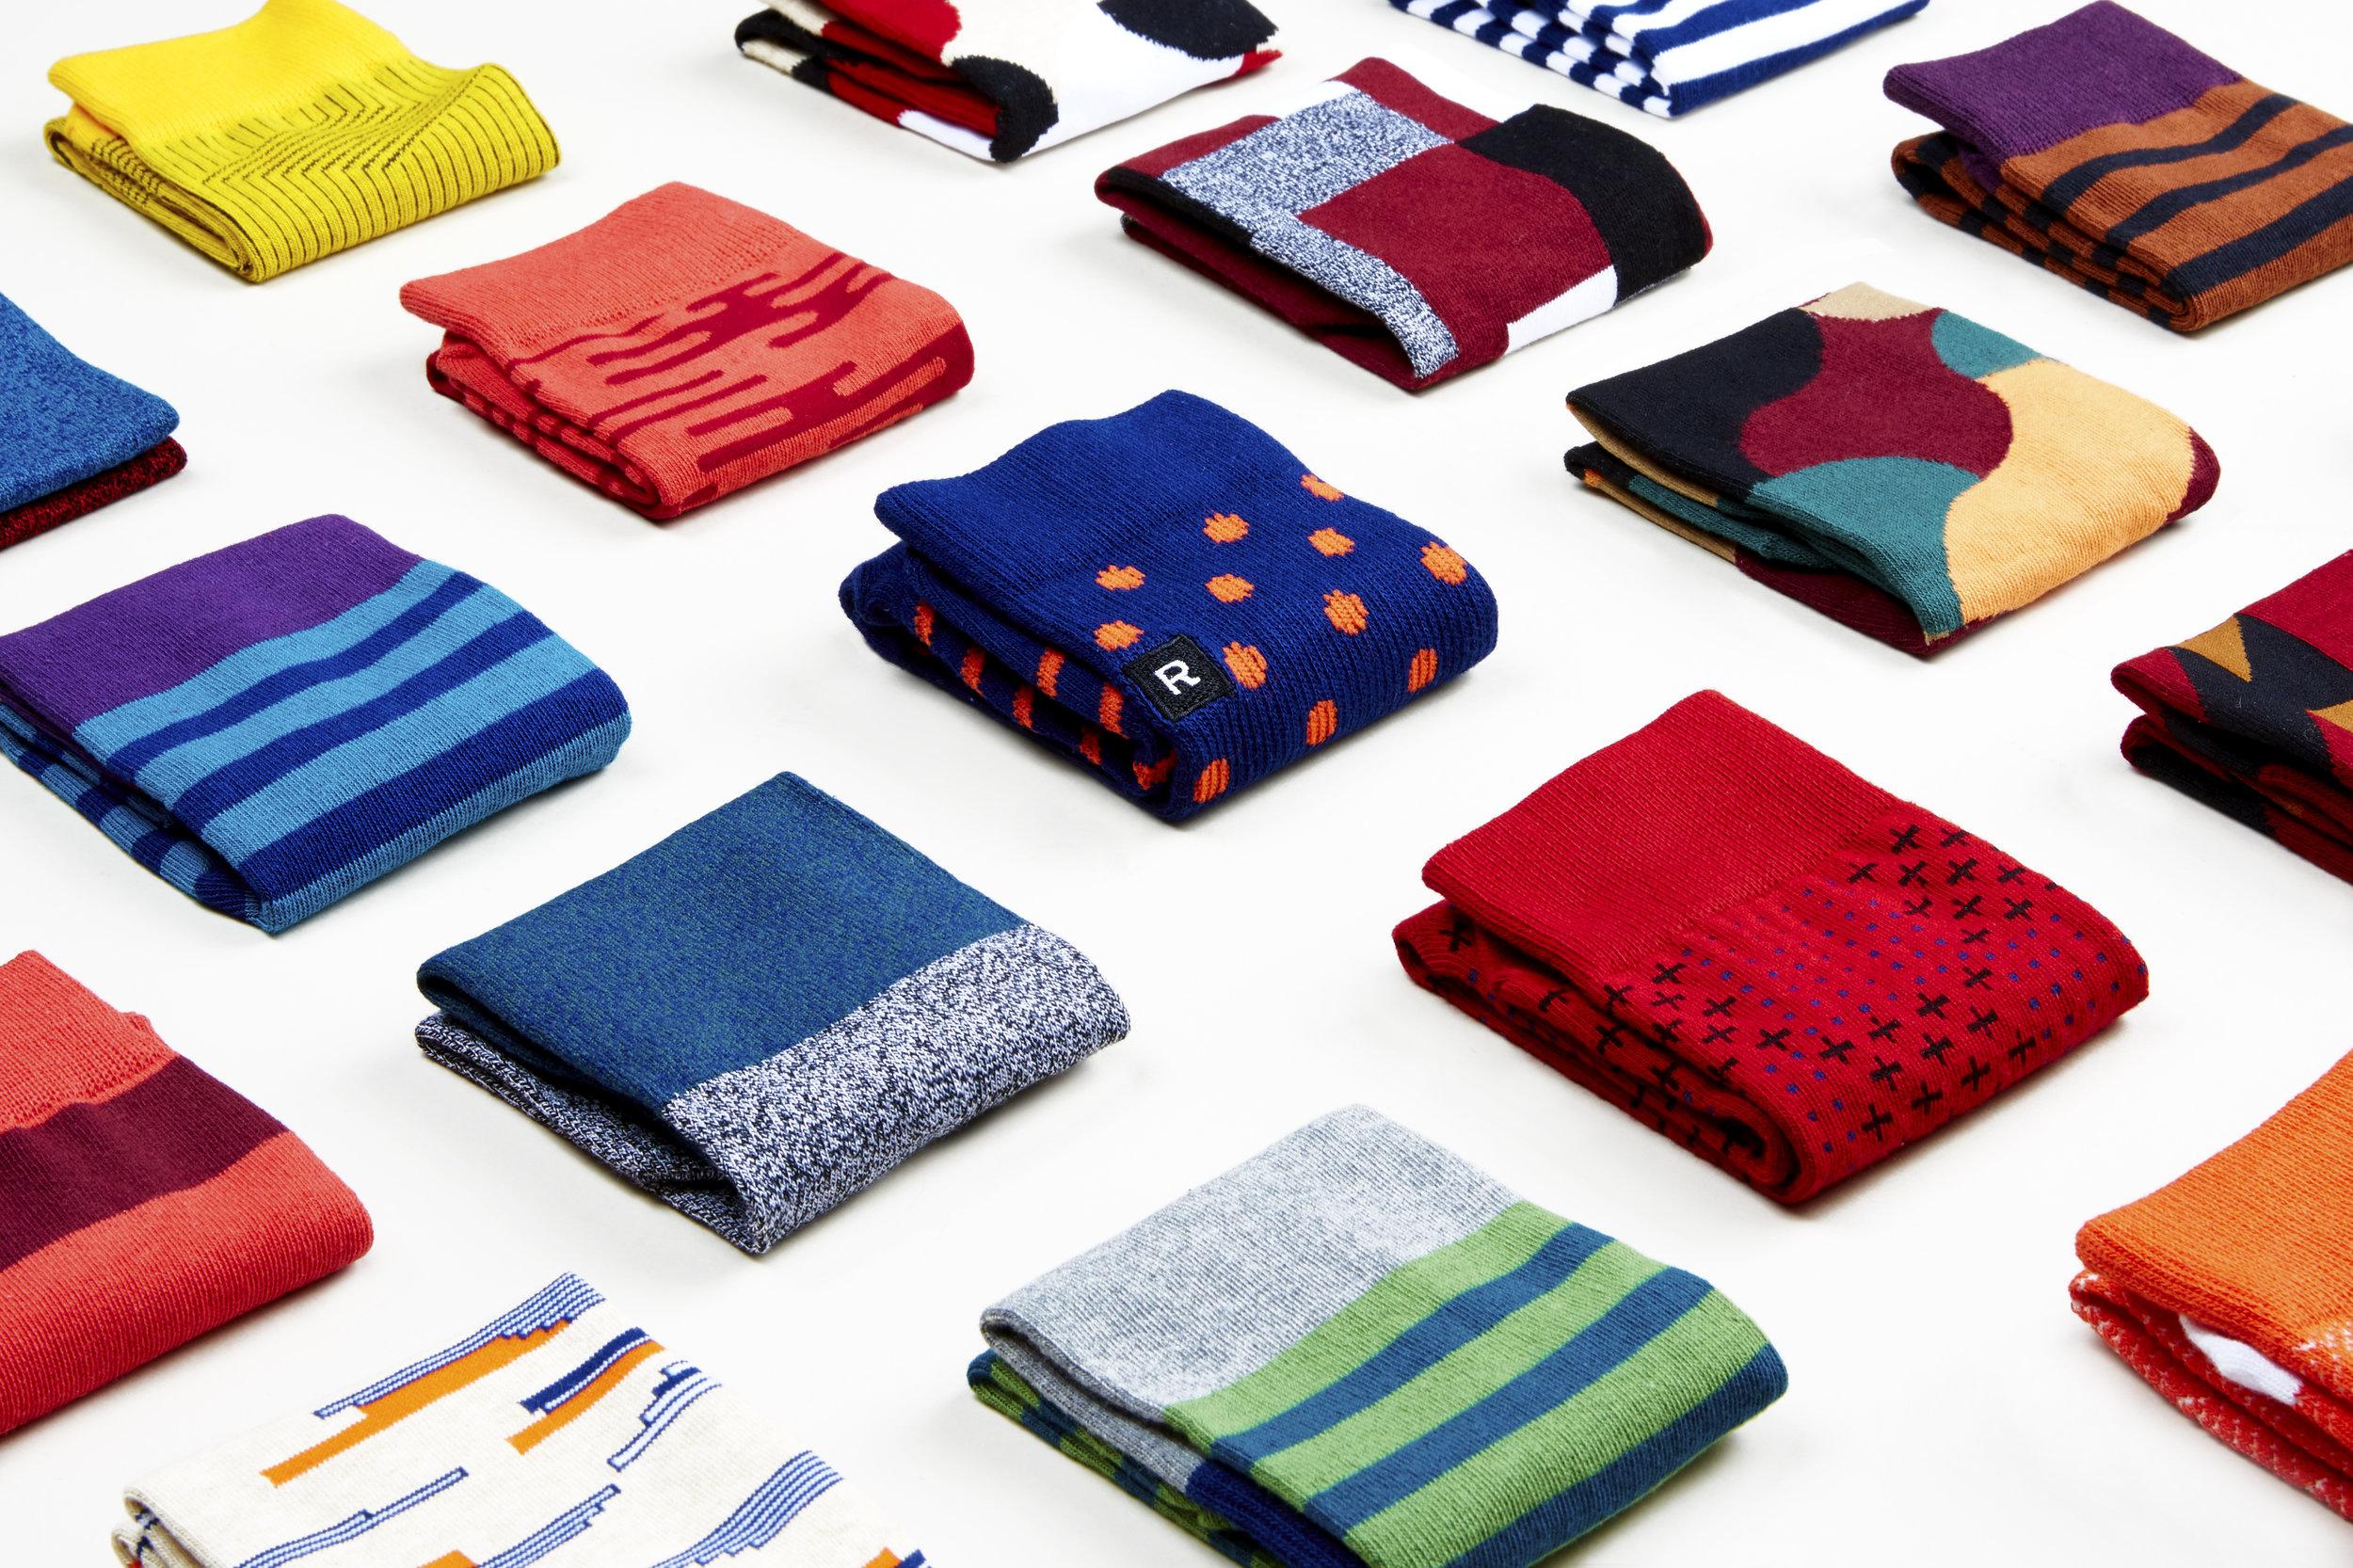 Richer+Poorer+Socks.jpg